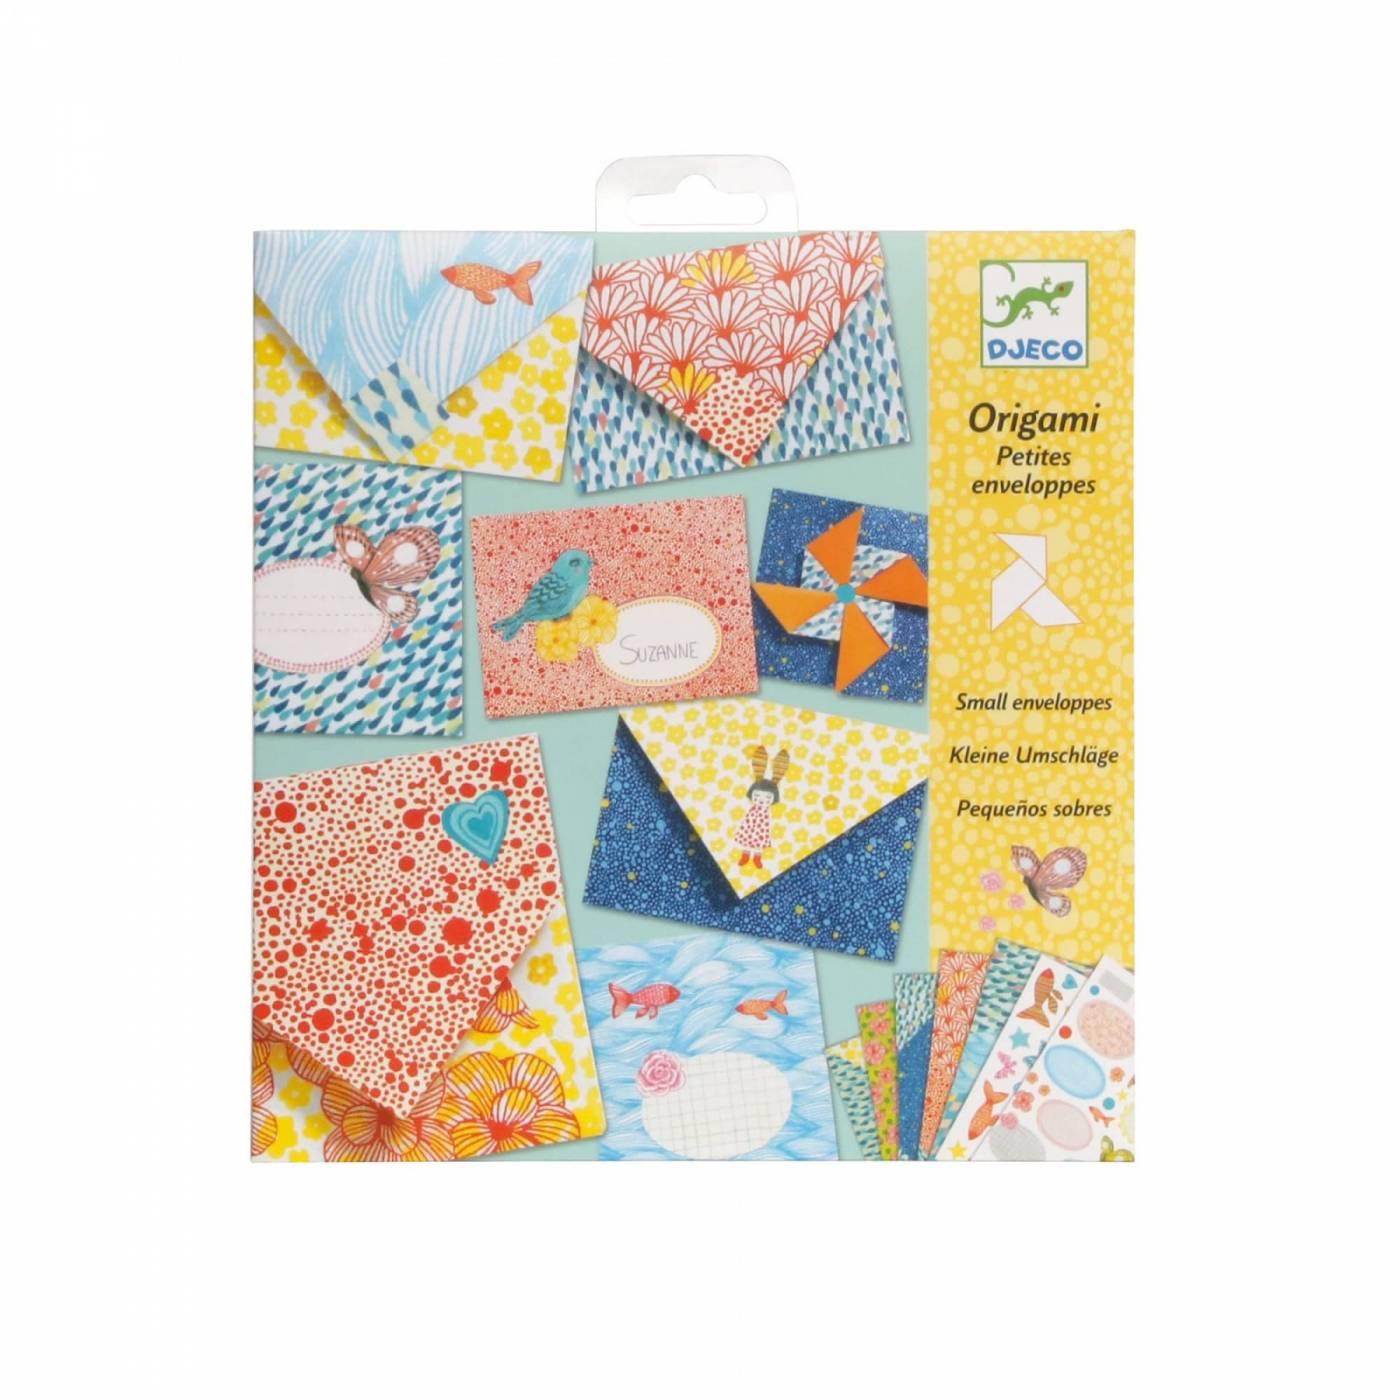 Origami  Dobradura Djeco - Envelopes